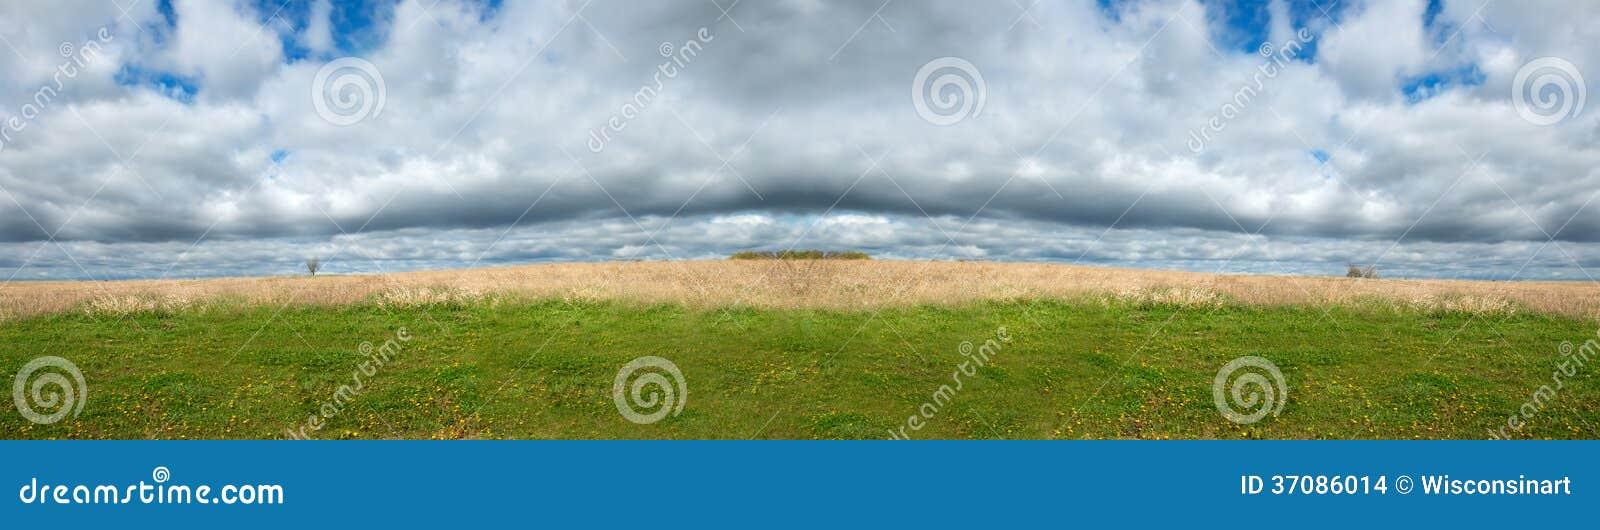 Download Śródpolna łąka, Niebo Chmurnieje Panorama Panoramicznego Sztandar Zdjęcie Stock - Obraz złożonej z szczegółowy, łąka: 37086014